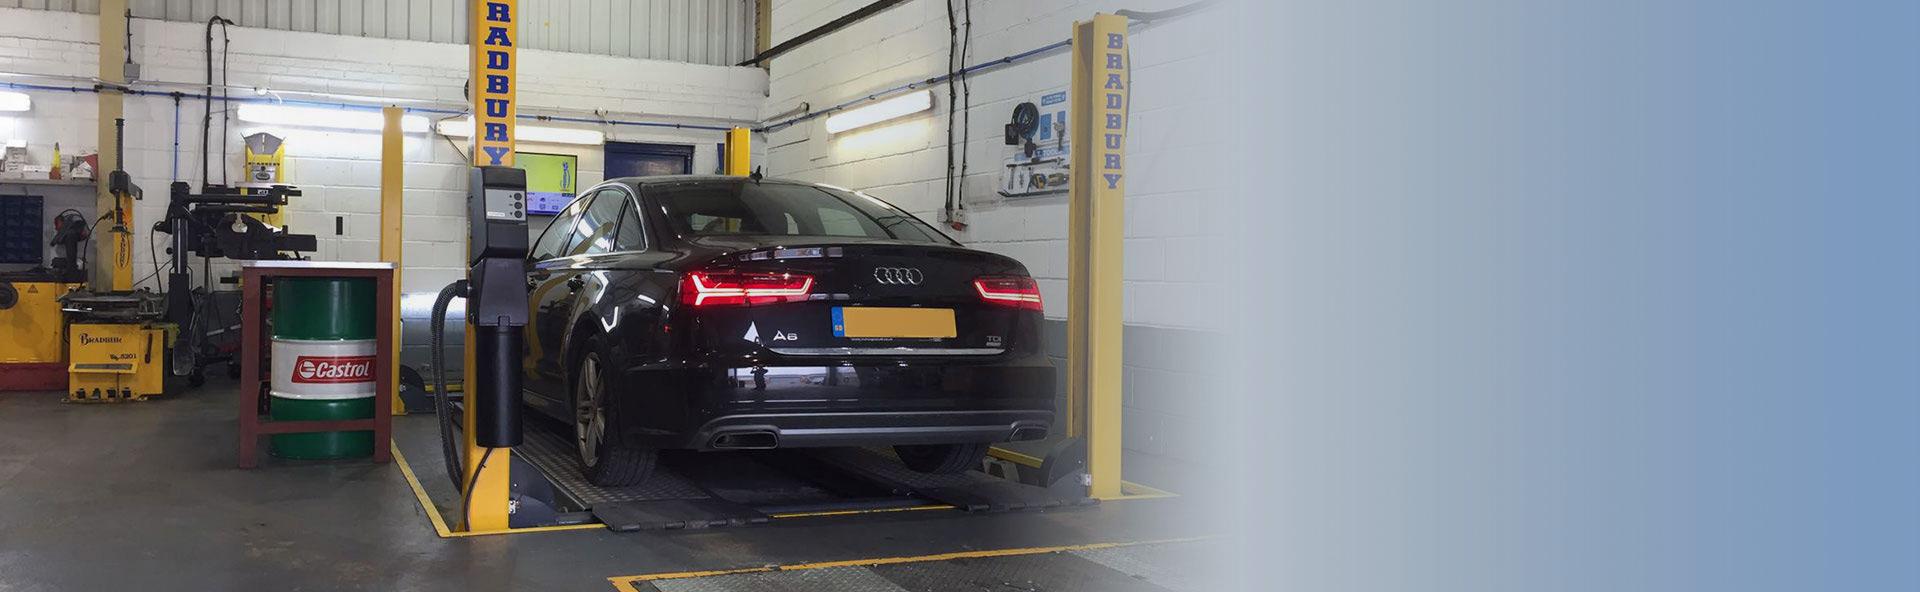 Audi & VW Warranty